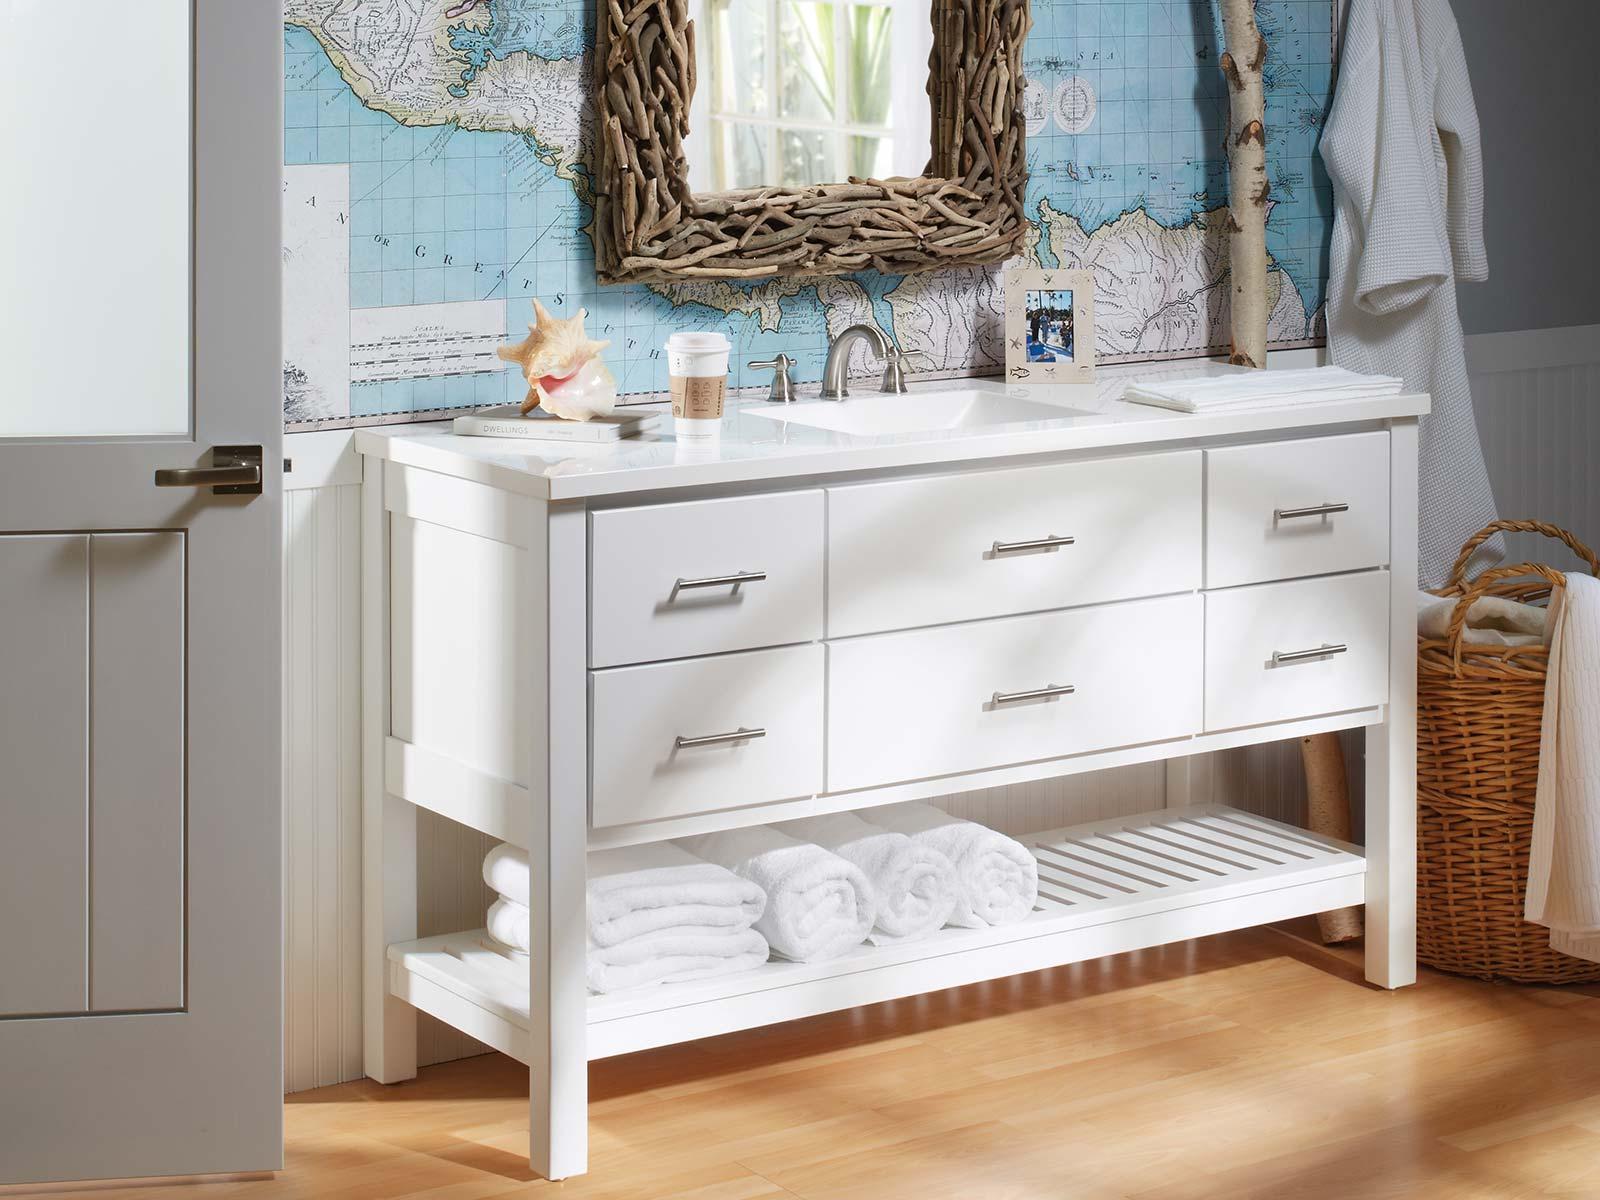 Interlude-white-6-drawer-overall-horiz.jpg